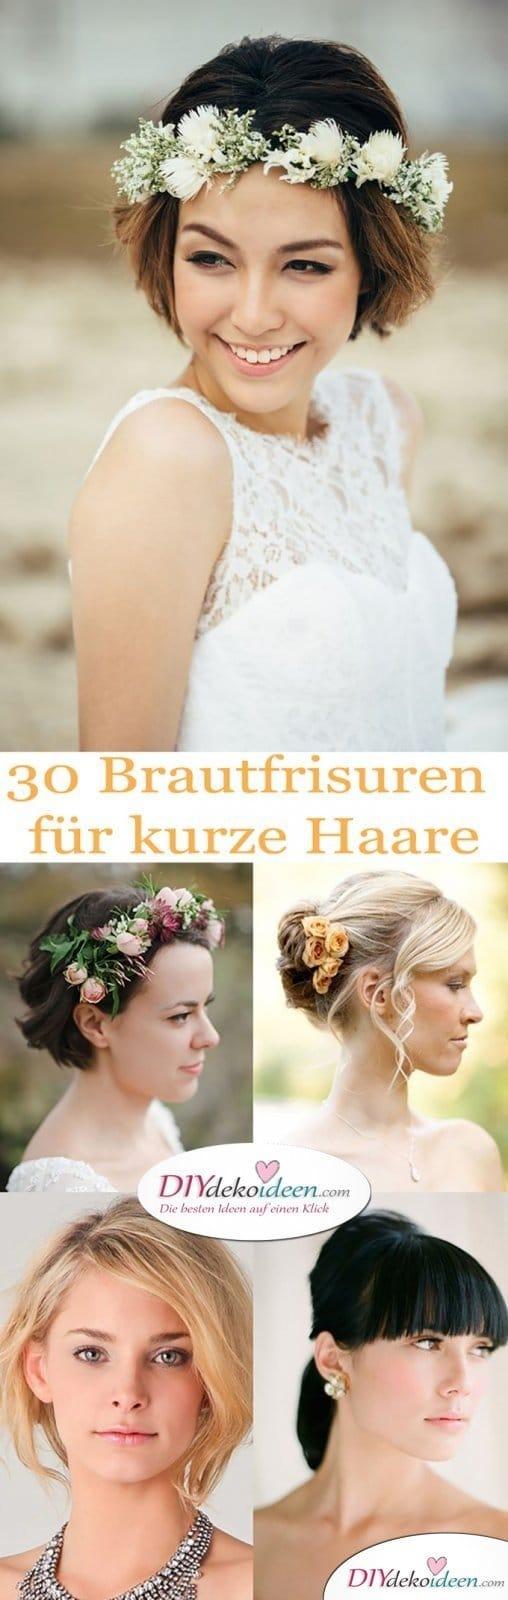 30 DIY Brautfrisuren für kurze Haare